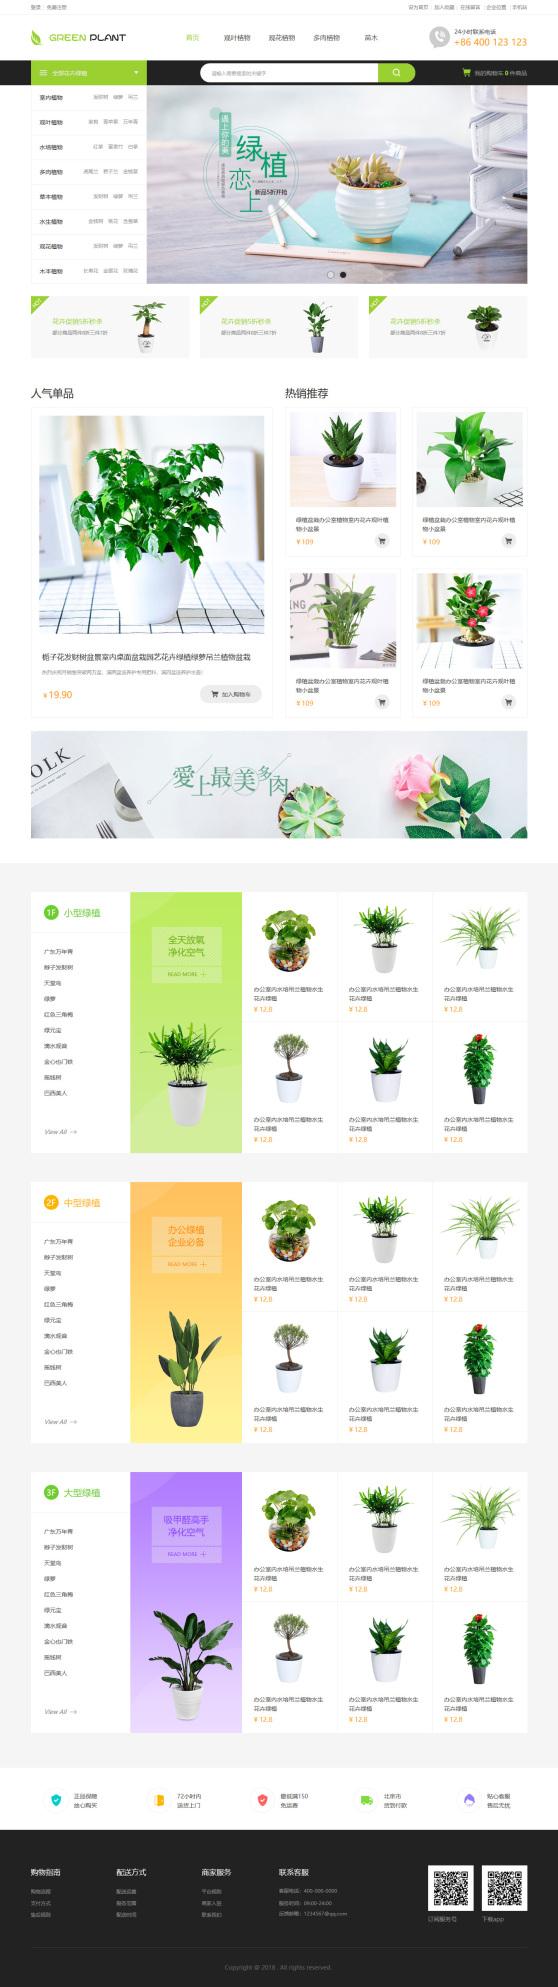 大气花卉绿植购物商城模板